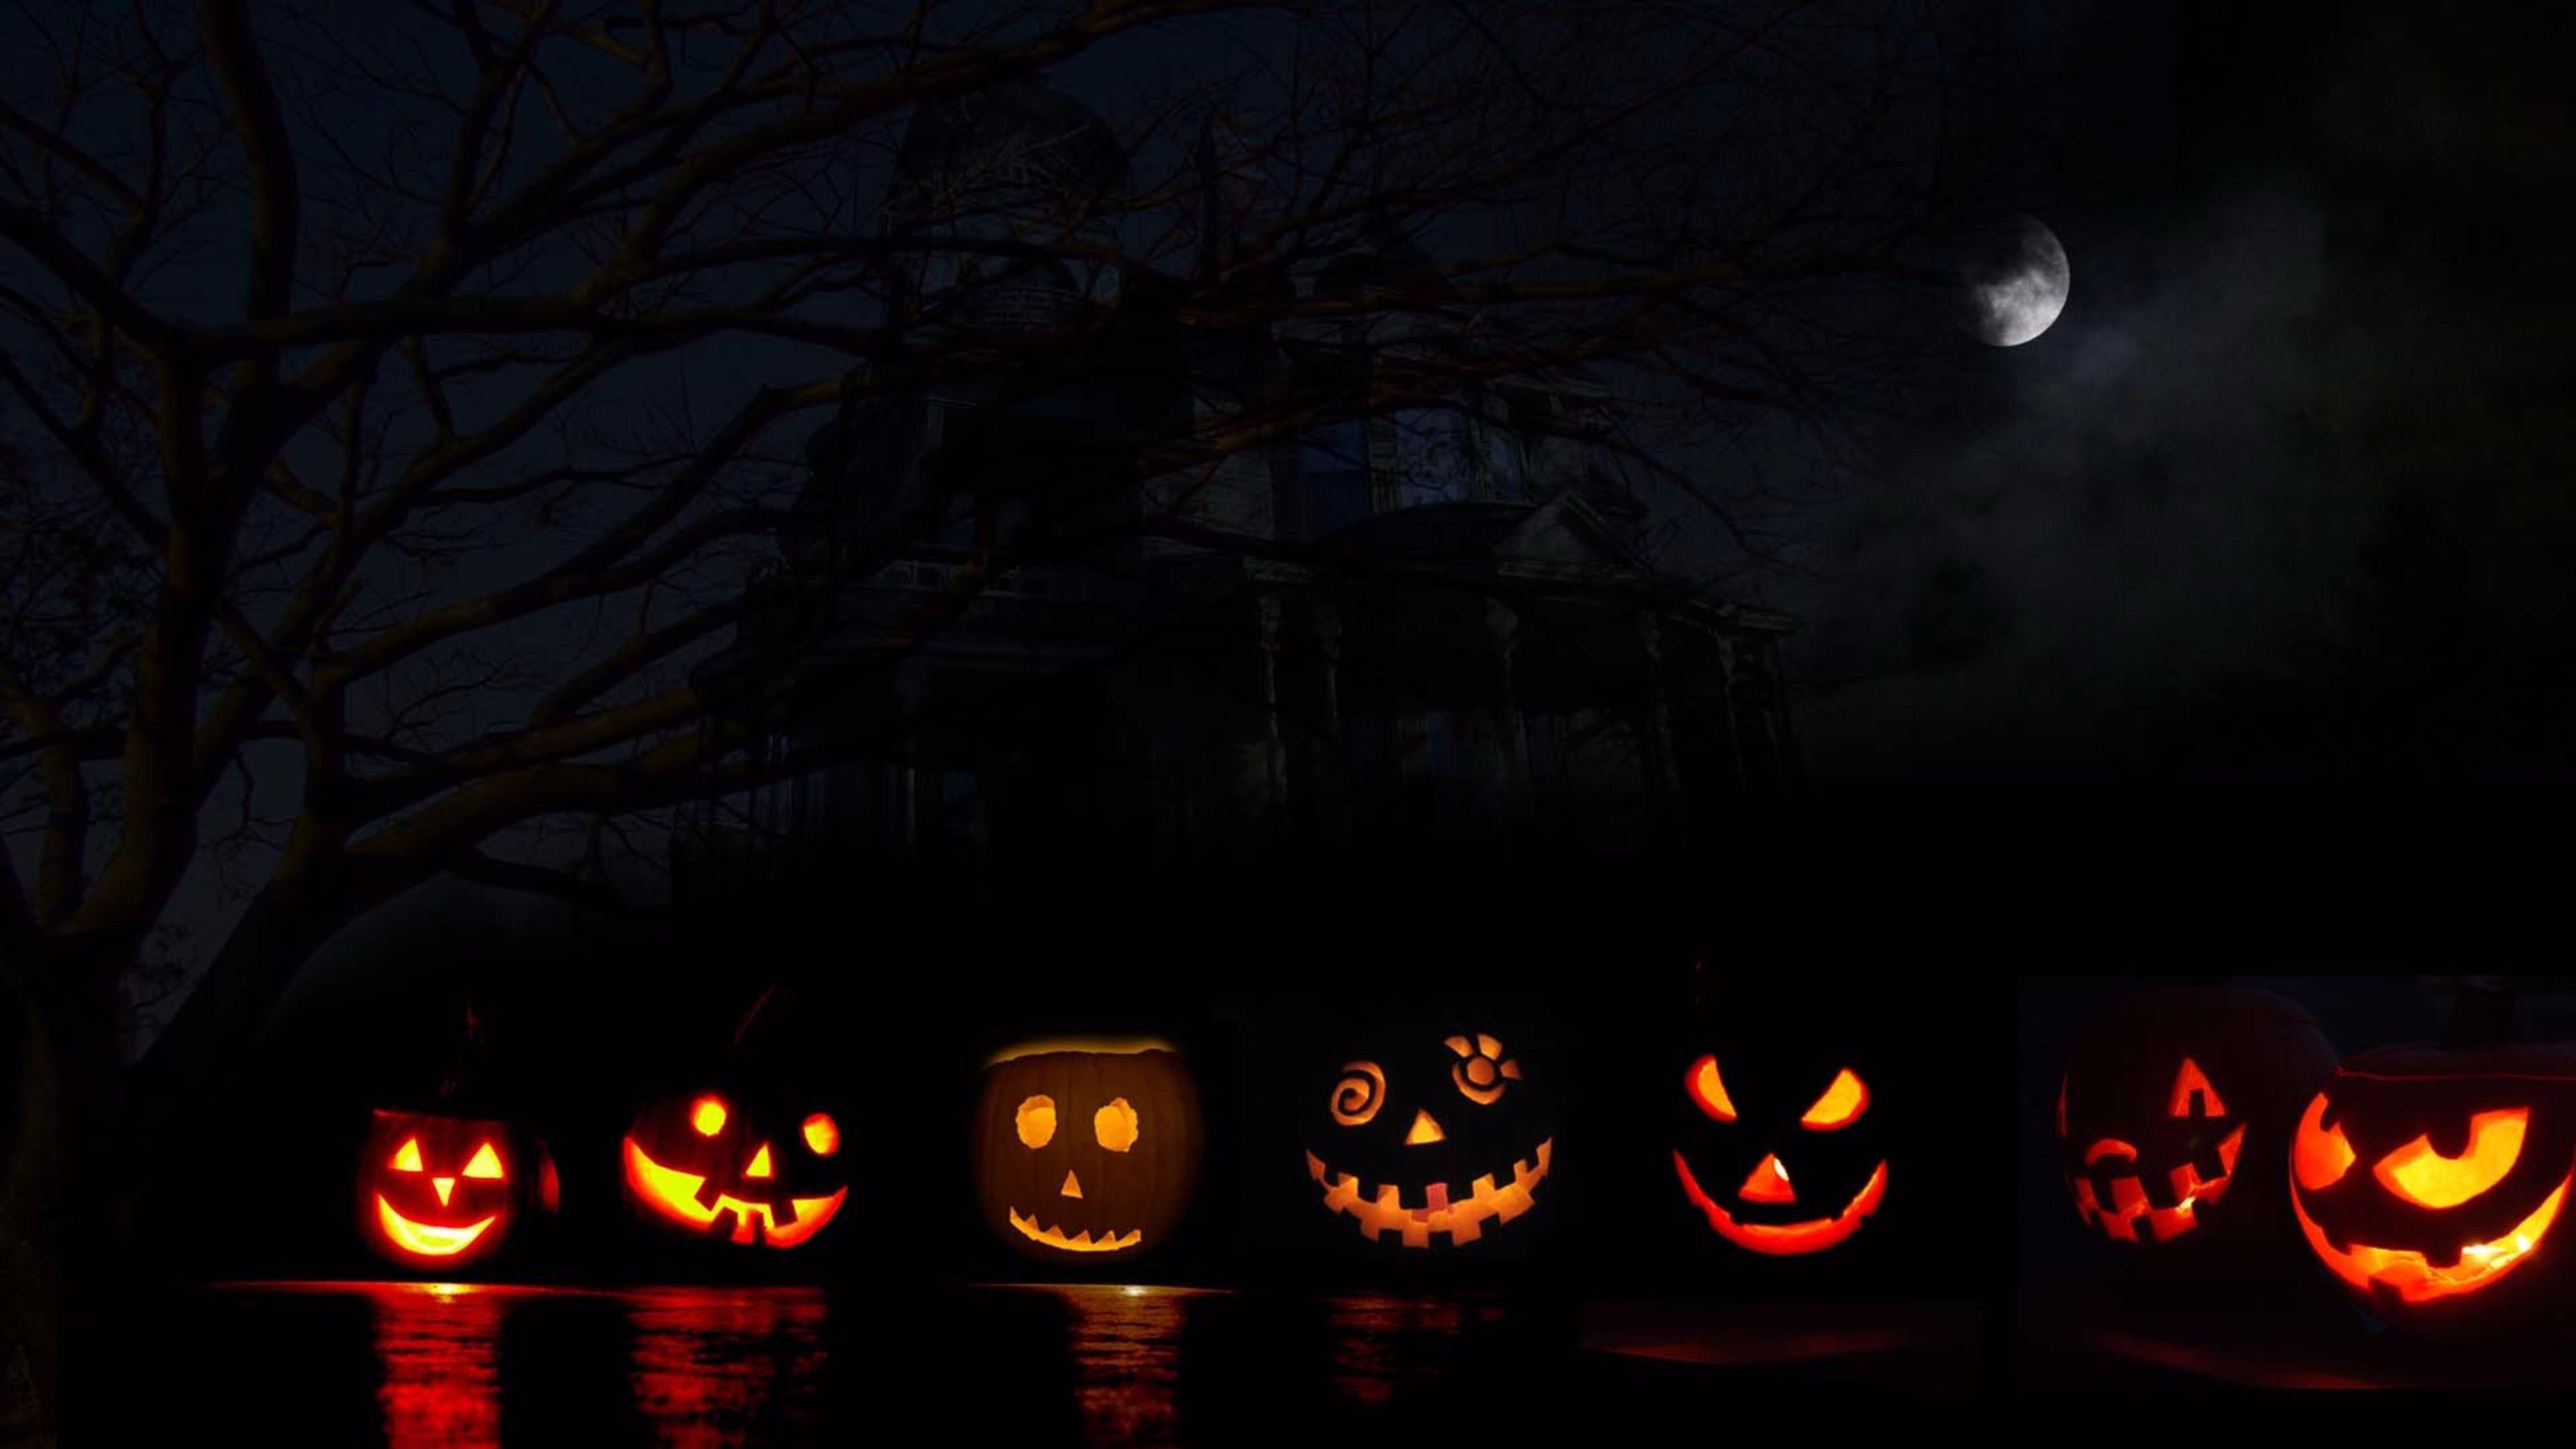 4K Halloween Wallpapers   Top 4K Halloween Backgrounds 3840x2160